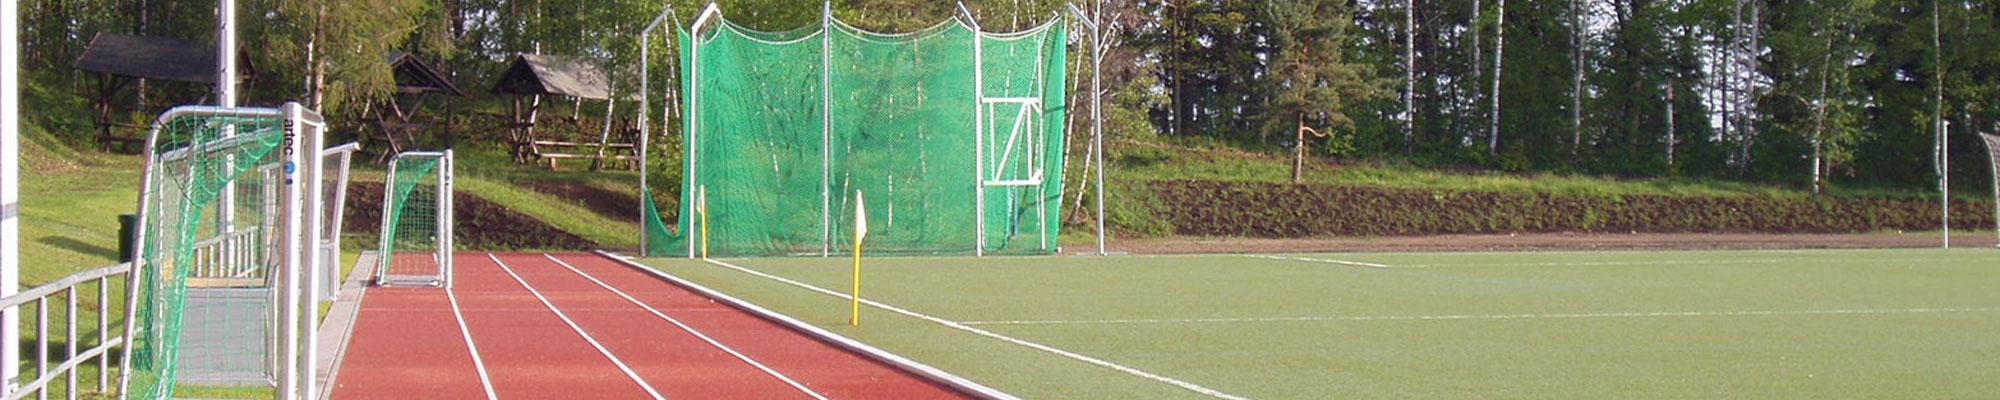 Kreisfachverband Leichtathletik Sächsische Schweiz - Osterzgebirge